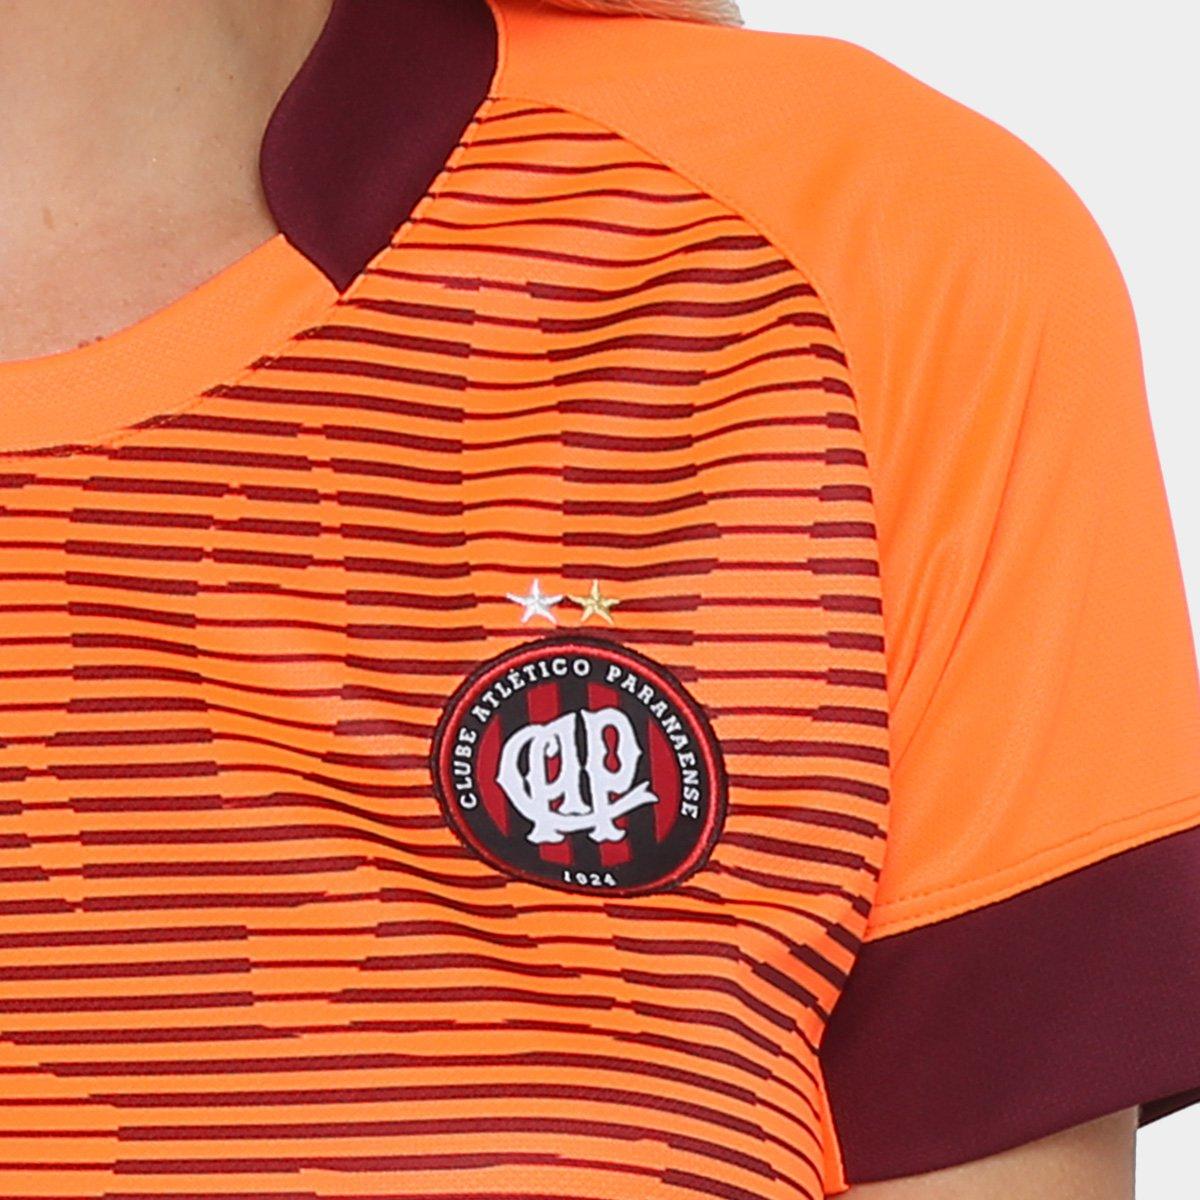 Camisa Feminina nº PR 18 Branco e Torcedor II Atlético Vermelho 10 Umbro 17 fr6wZfq